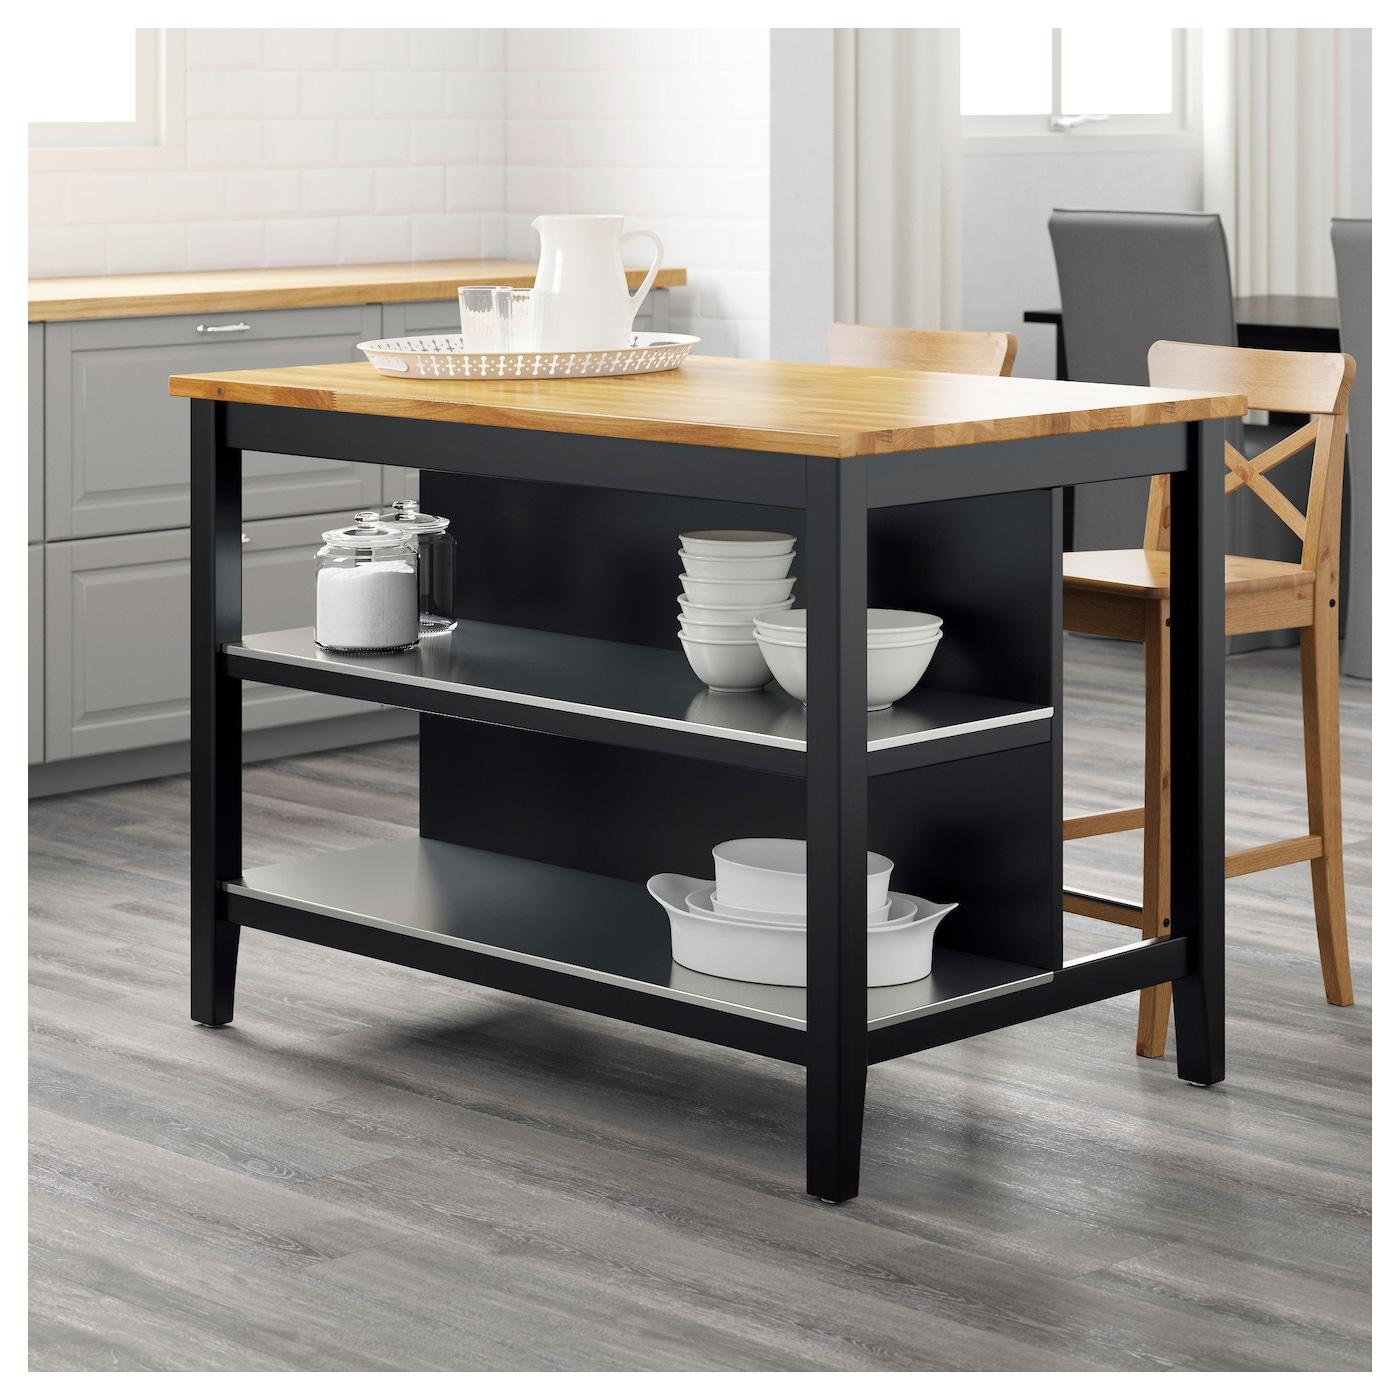 STENSTORP Kitchen island Black-brown/oak 126x79 cm - IKEA